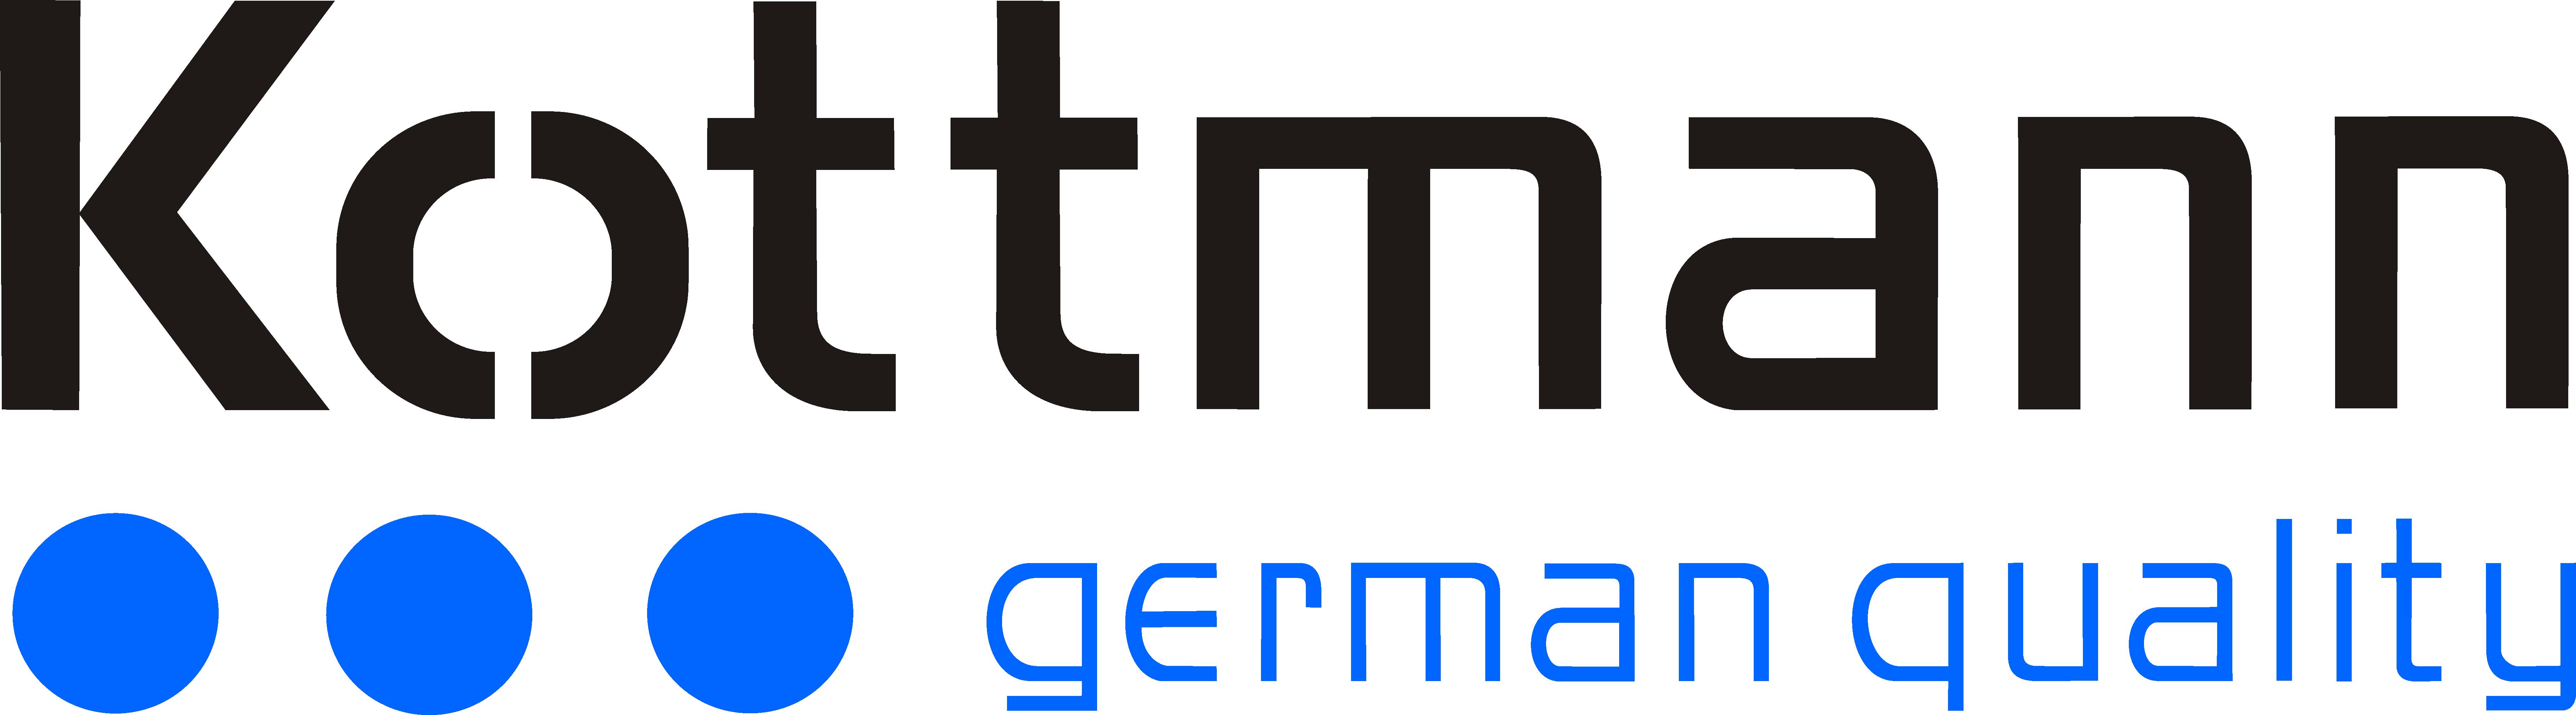 Logo Kottmann chinh thuc